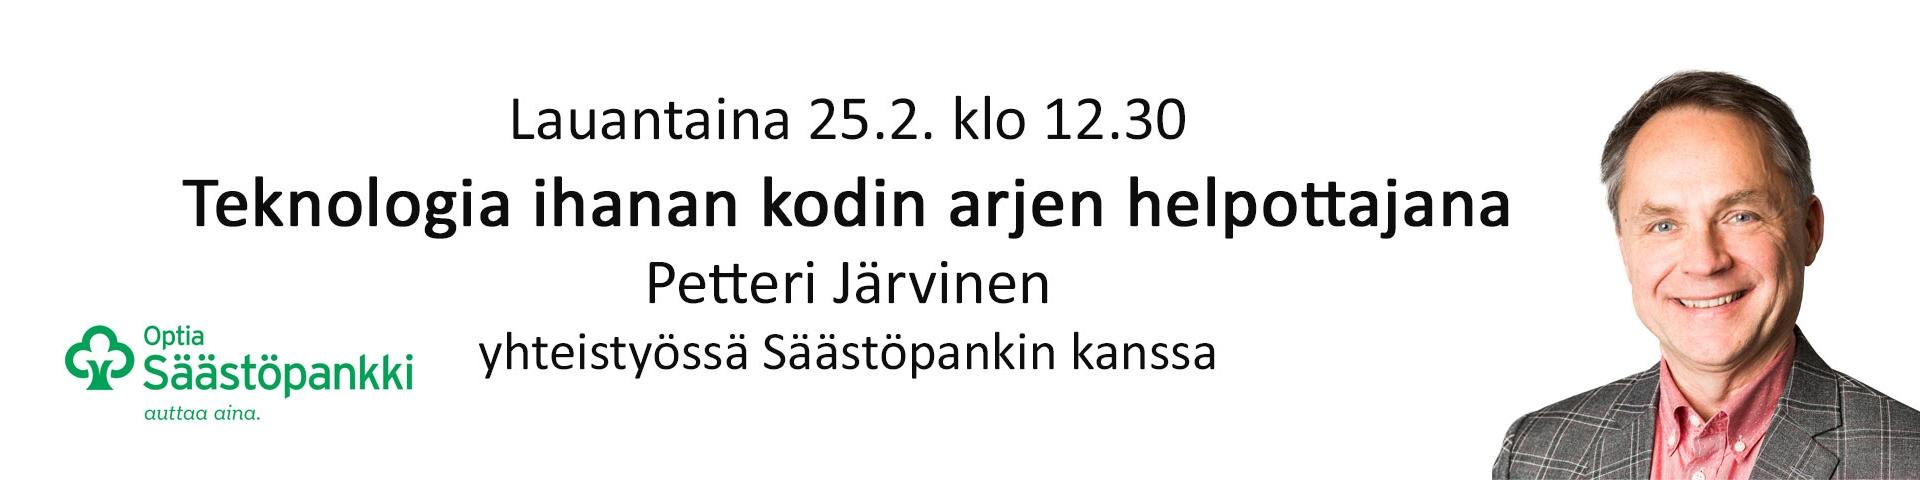 jarvinen_banneri3